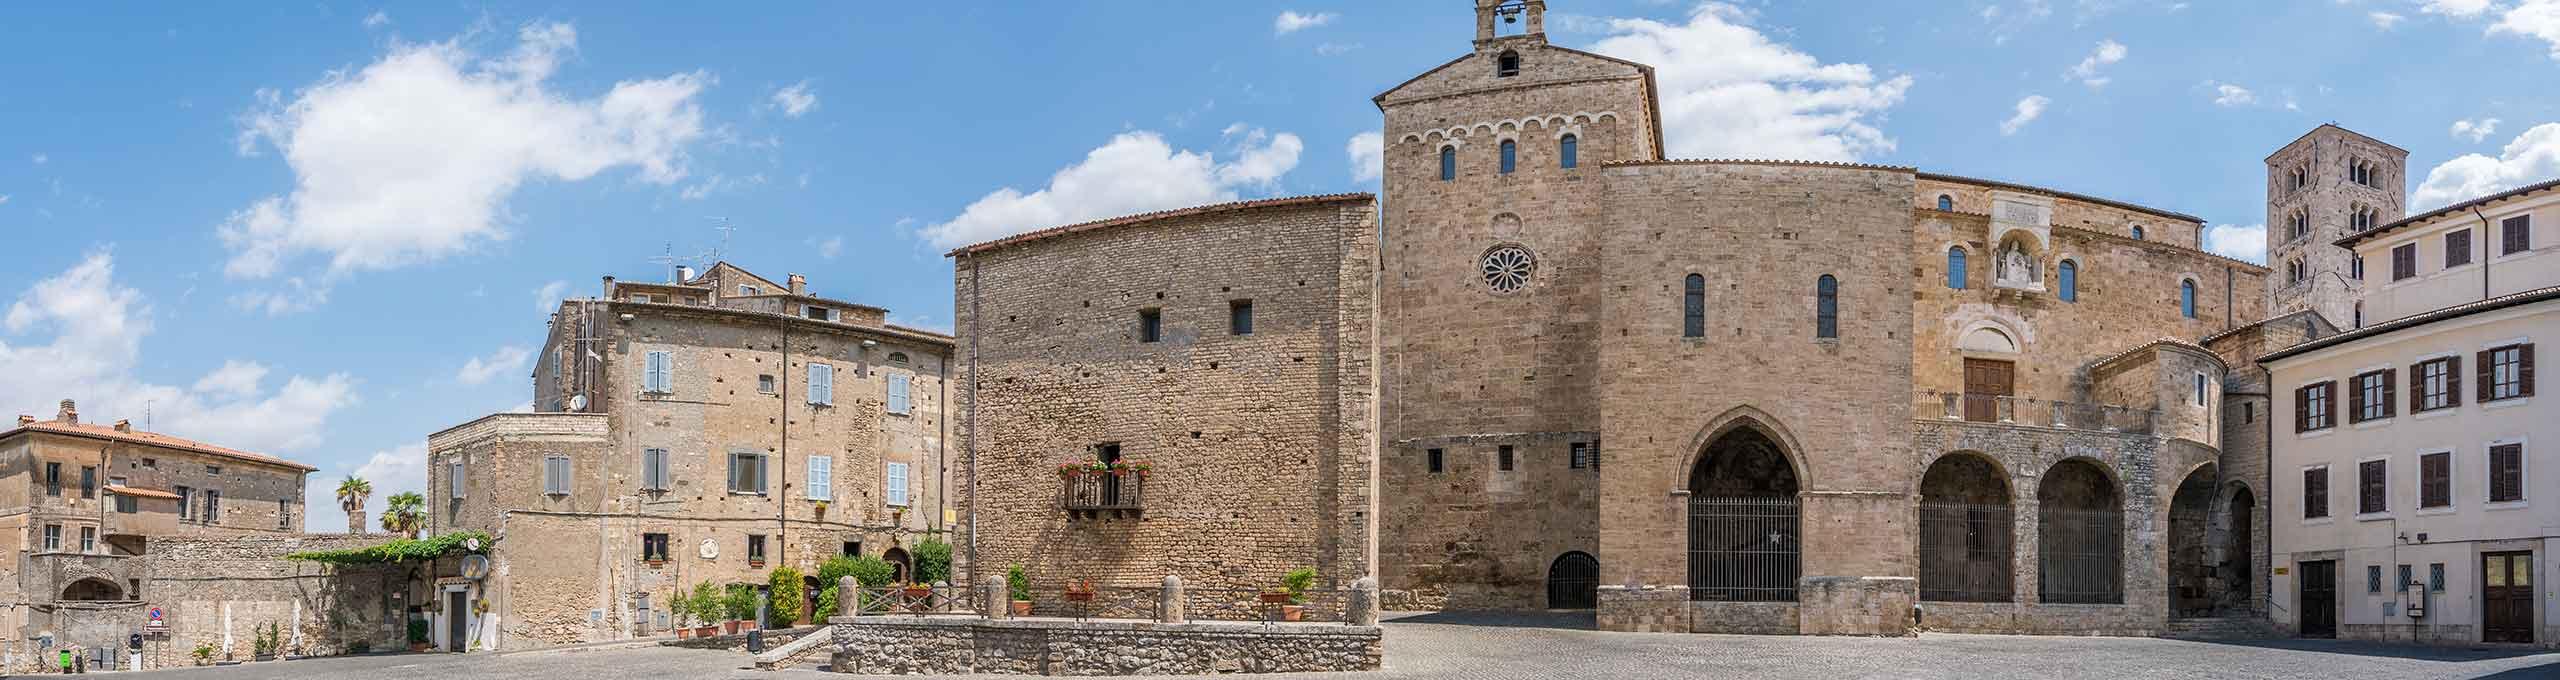 Anagni, Frosinone